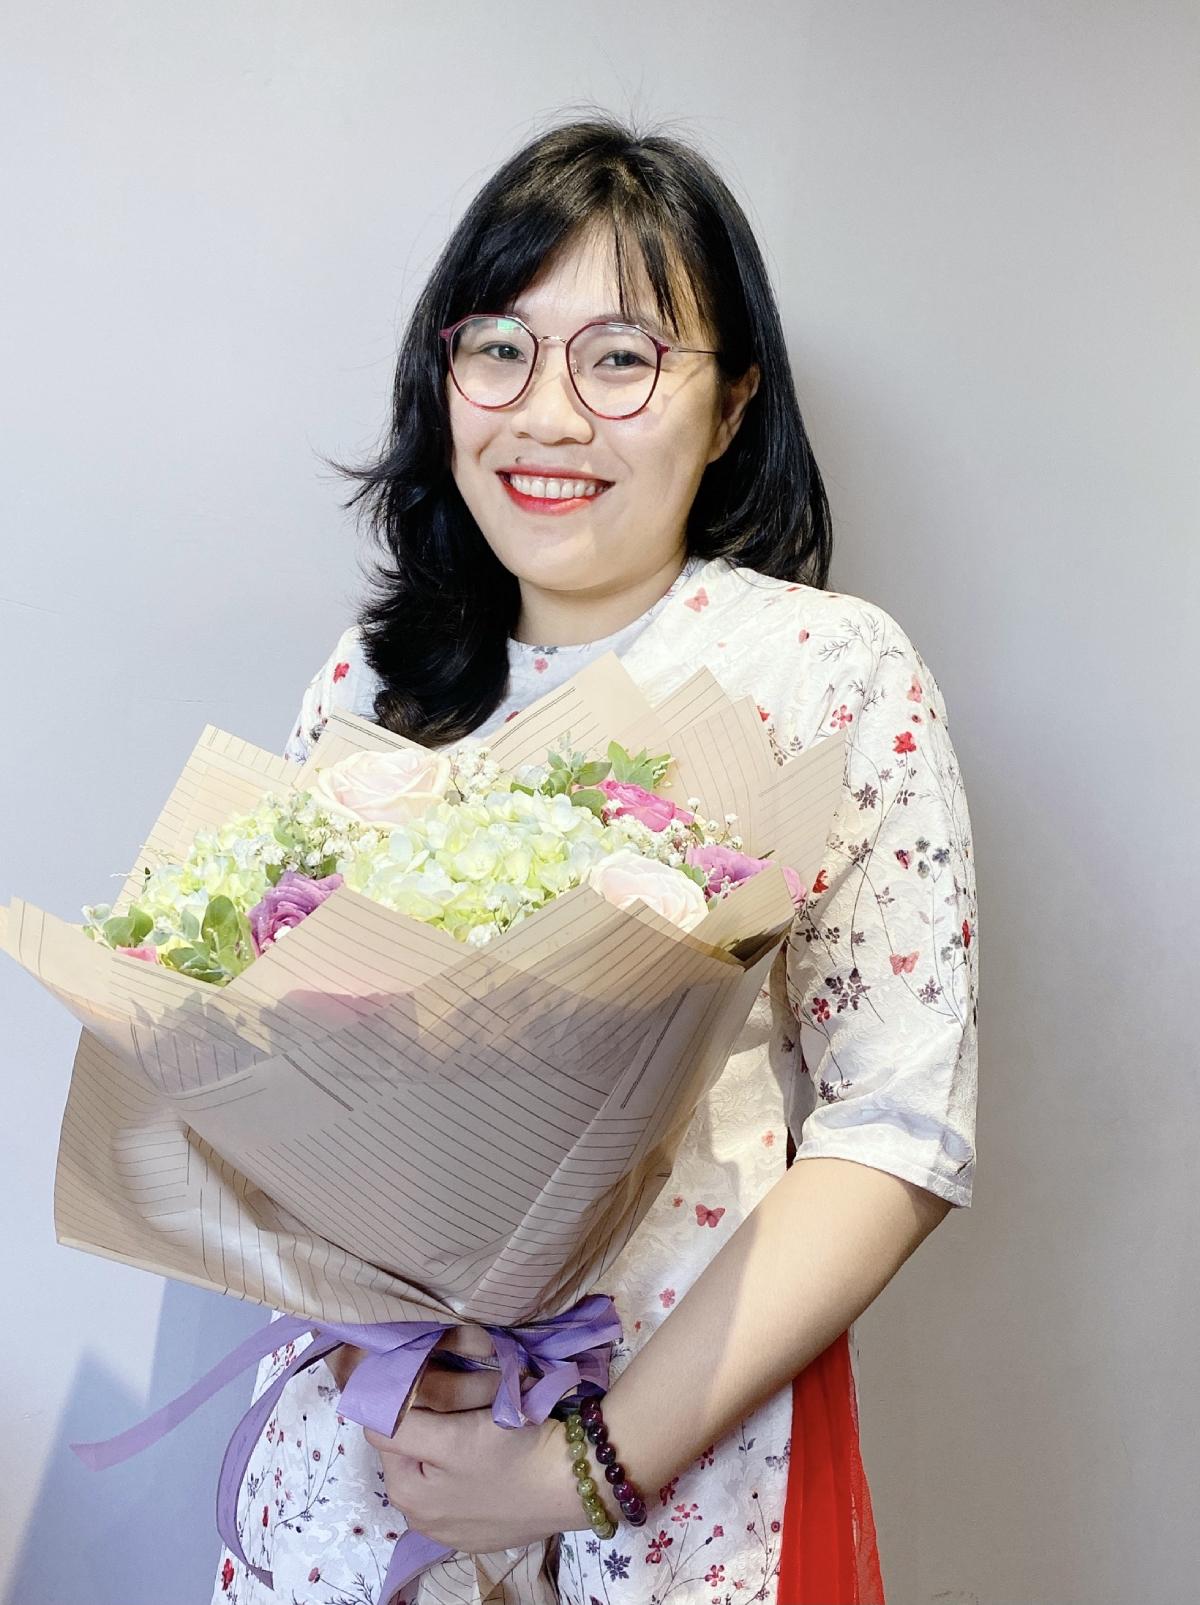 Cô Hồ Ái Linh, giáo viên Văn, trường THCS - THPT Đào Duy Anh, TP HCM. Ảnh: Nhân vật cung cấp.